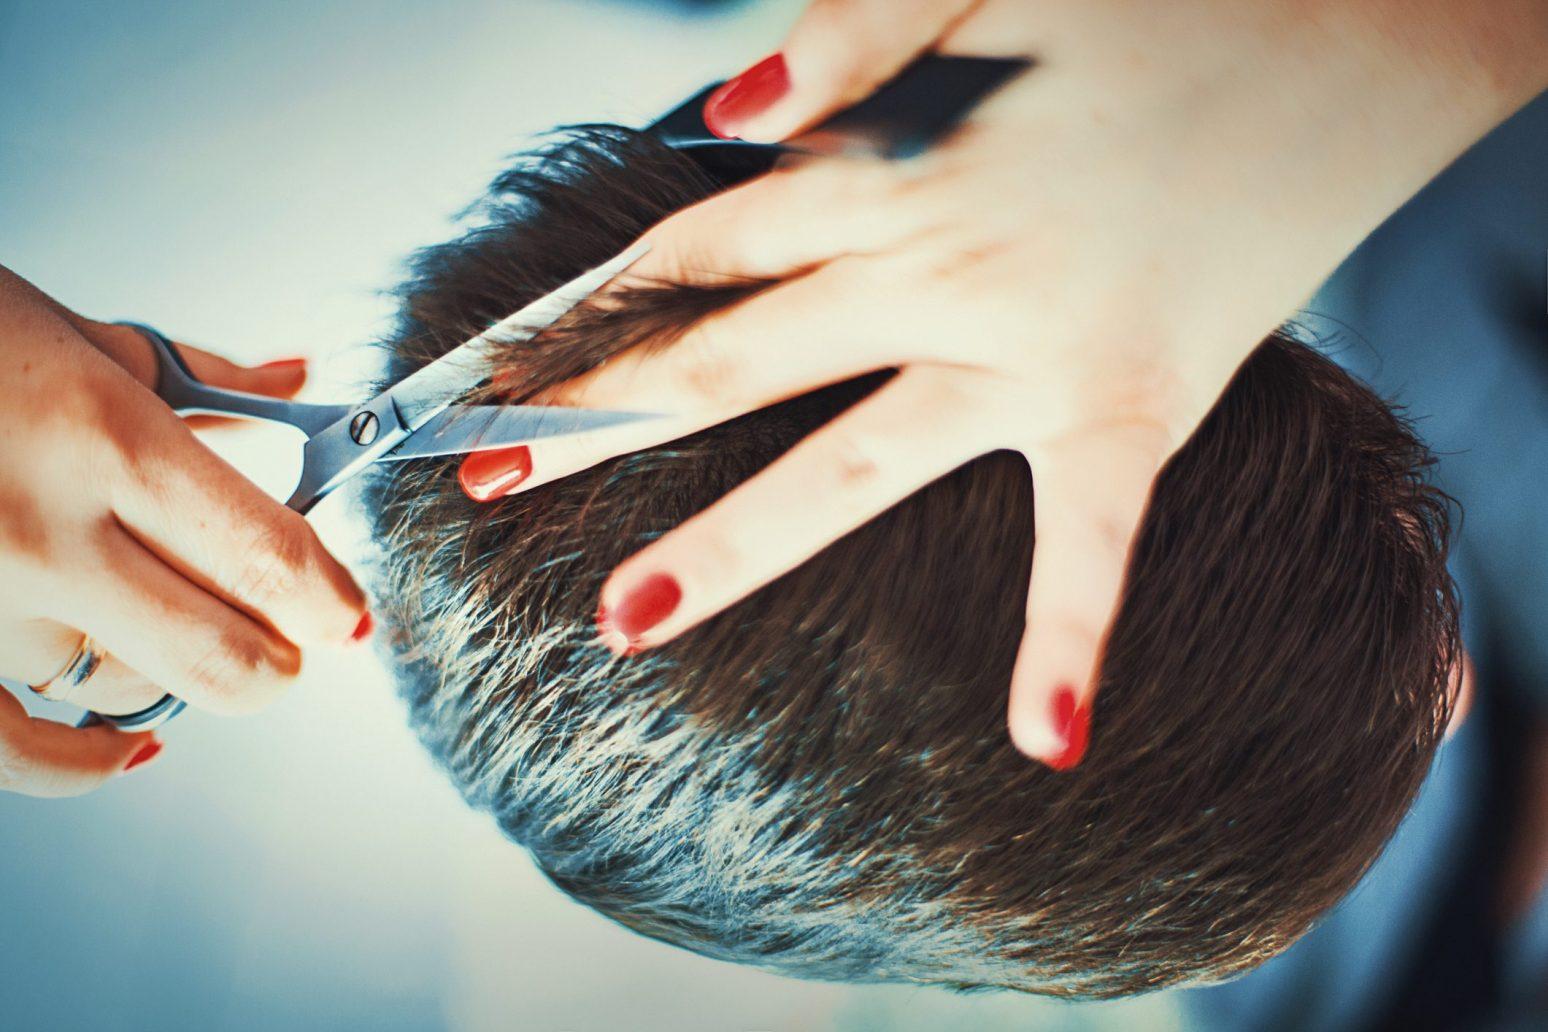 Foto di taglio capelli uomo con forbici